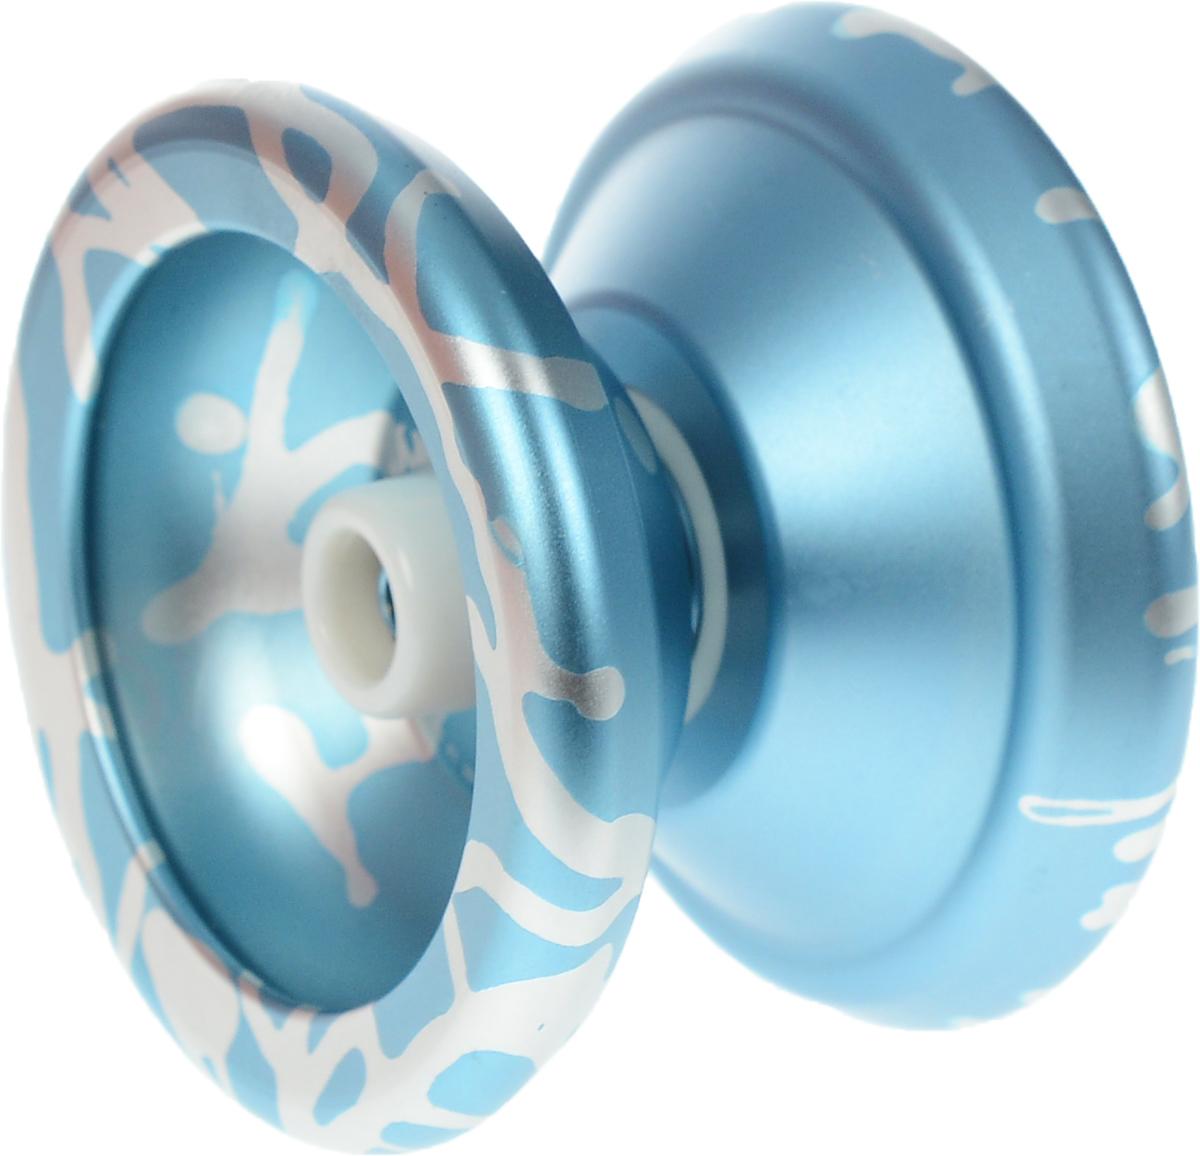 YoYoFactory Йо-йо Superstar цвет серебристый голубойsuperstar/blueУ металлического йо-йо YoYoFactory Superstar широкий гэп и внешний диаметр чашечек. Обода сделаны так, что массовая концентрация распределяет по максимально дальней окружности от центра йо-йо, что позволяет держать стабильность и равновесие при слипе. Superstar выбирают многие профессионалы. Джон Андо выиграл чемпионат мира 2008 (World Yo-Yo Contest 2008) именно с этой моделью. Он показал новый стиль игры, когда йо-йо хорошо гриндит, он выполнял множество трюков, когда йо-йо крутится вокруг разных частей тела. Йо-йо - это игрушка, состоящая из двух симметричных половинок соединенных осью, к которой прикреплена веревка. Современный йо-йо значительно отличается от тех, к которым многие привыкли. Сейчас йо-йо - это такая же часть молодежной культуры как скейт, ВМХ или сноуборд. Йо-йо популярно во многих странах мира, таких как Россия, США и Япония. Ежегодно во всем мире проходят различные чемпионаты по игре с йо-йо, в том числе и Чемпионат России, в котором...